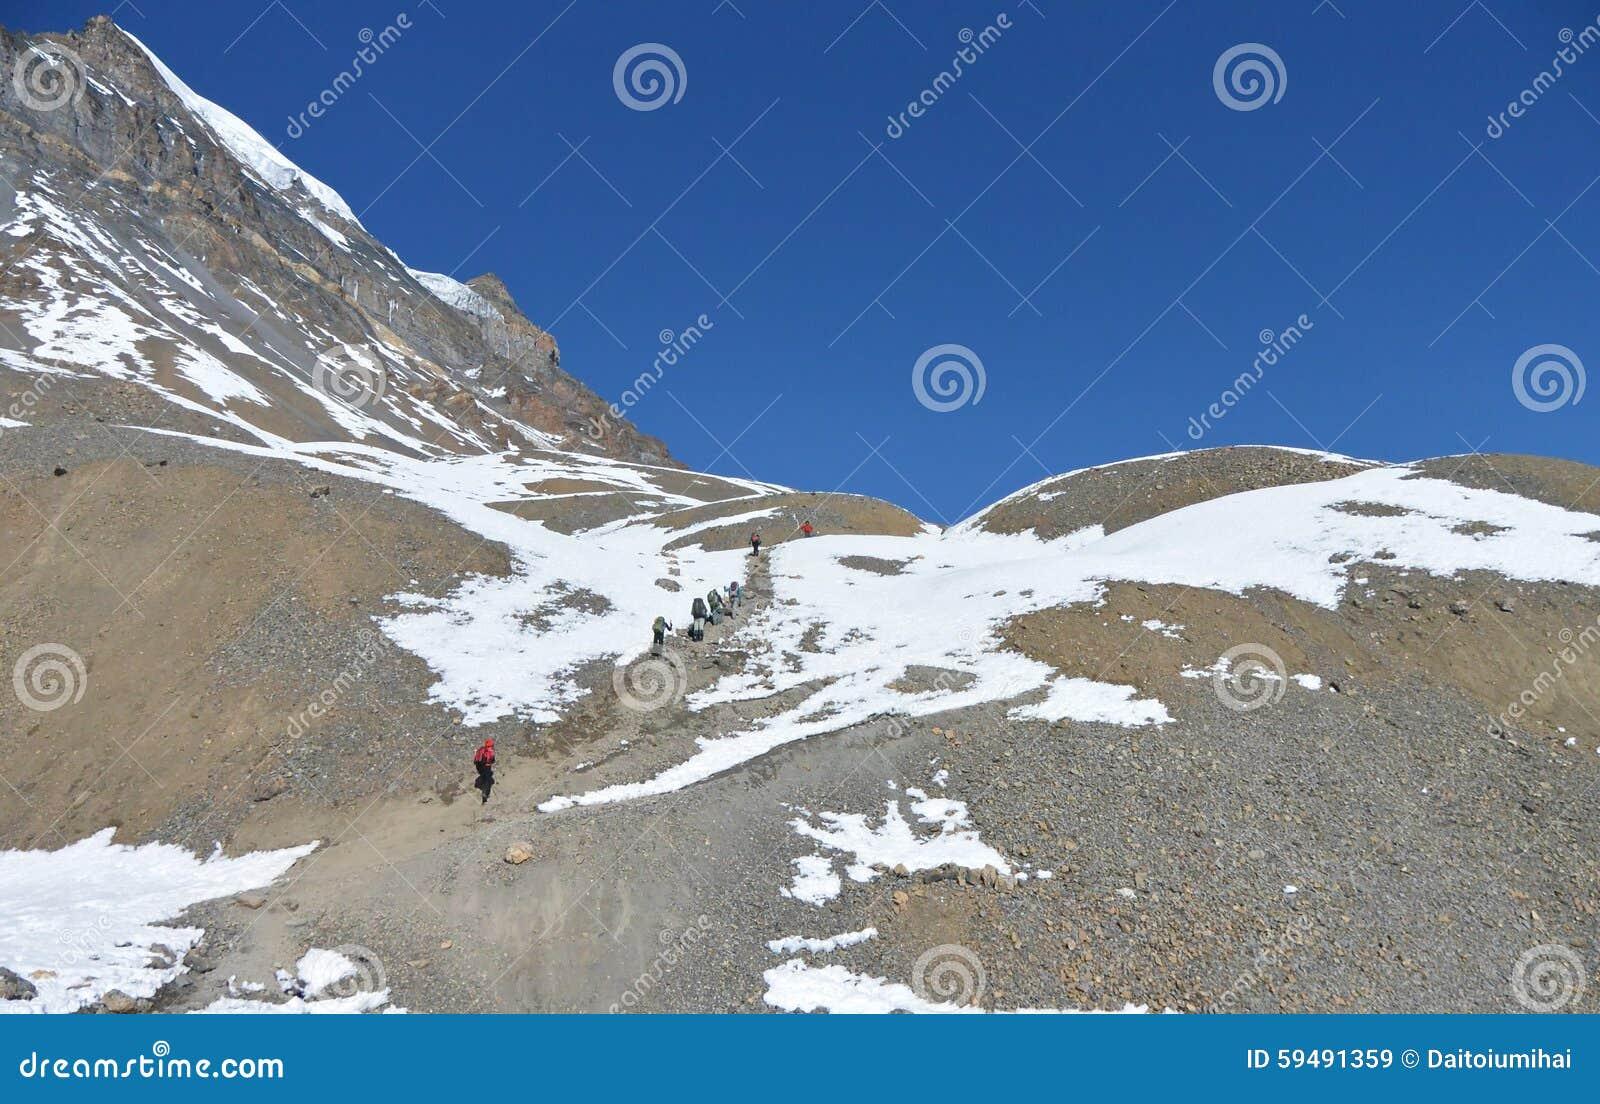 Passaggio della La di Thorung alla montagna di Daulagiri Viaggio di Annapurna, montagne dell Himalaya